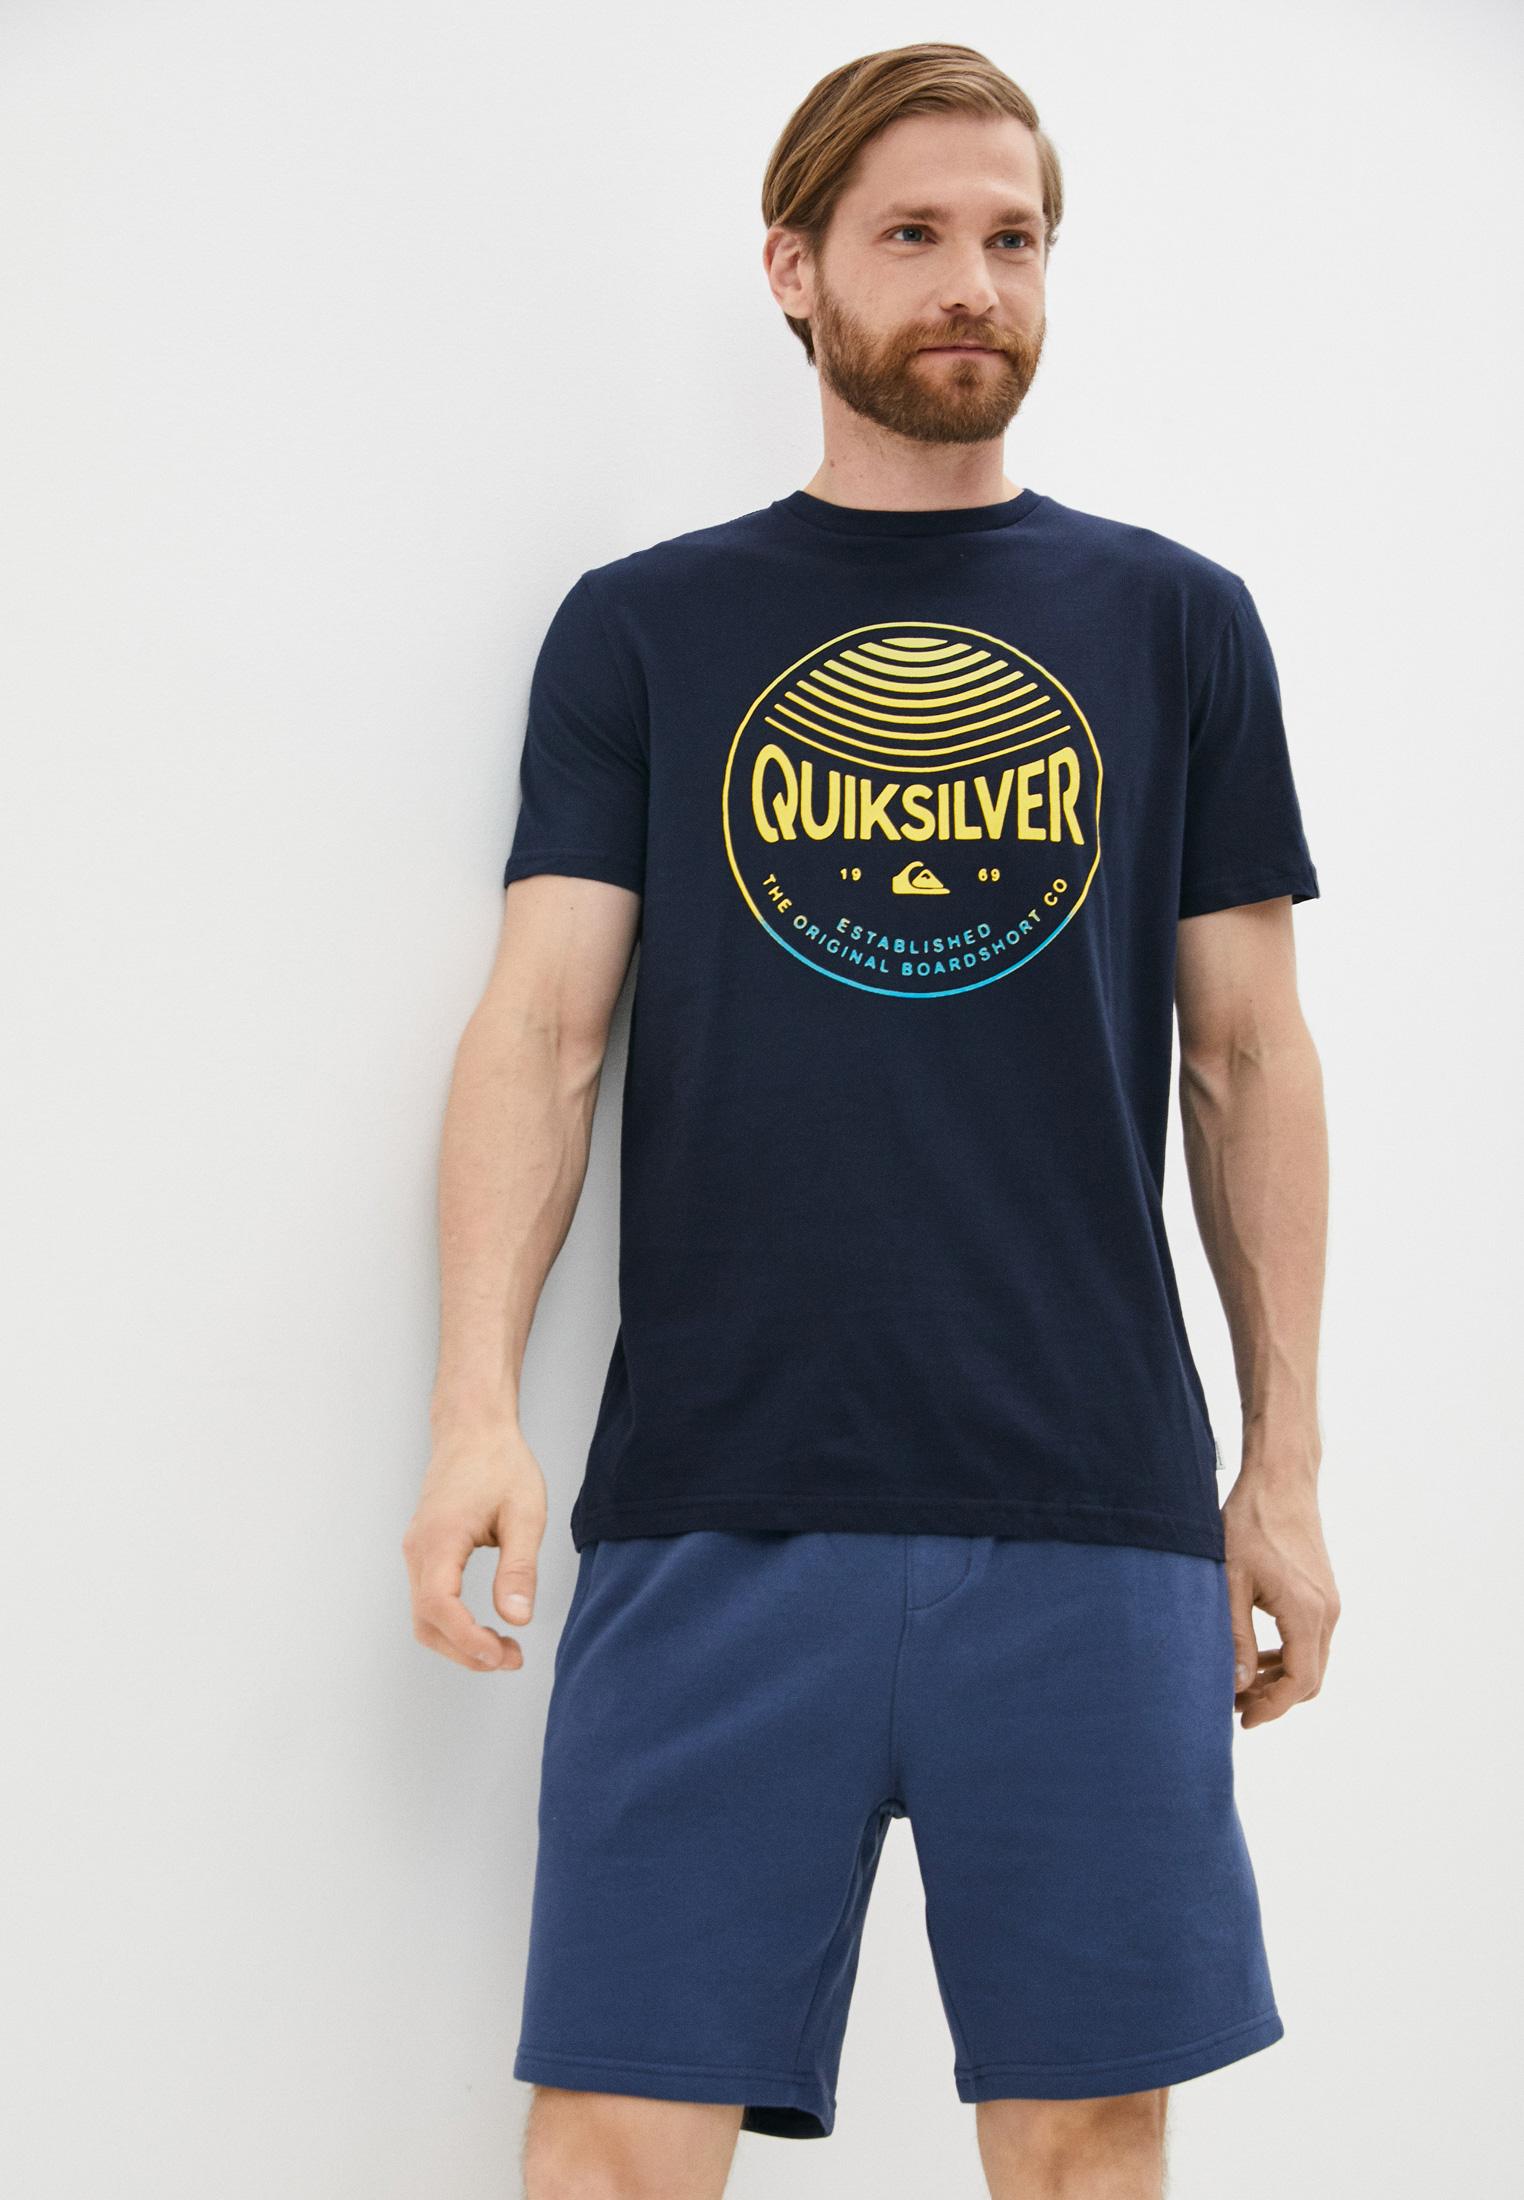 Футболка с коротким рукавом Quiksilver (Квиксильвер) Футболка Quiksilver